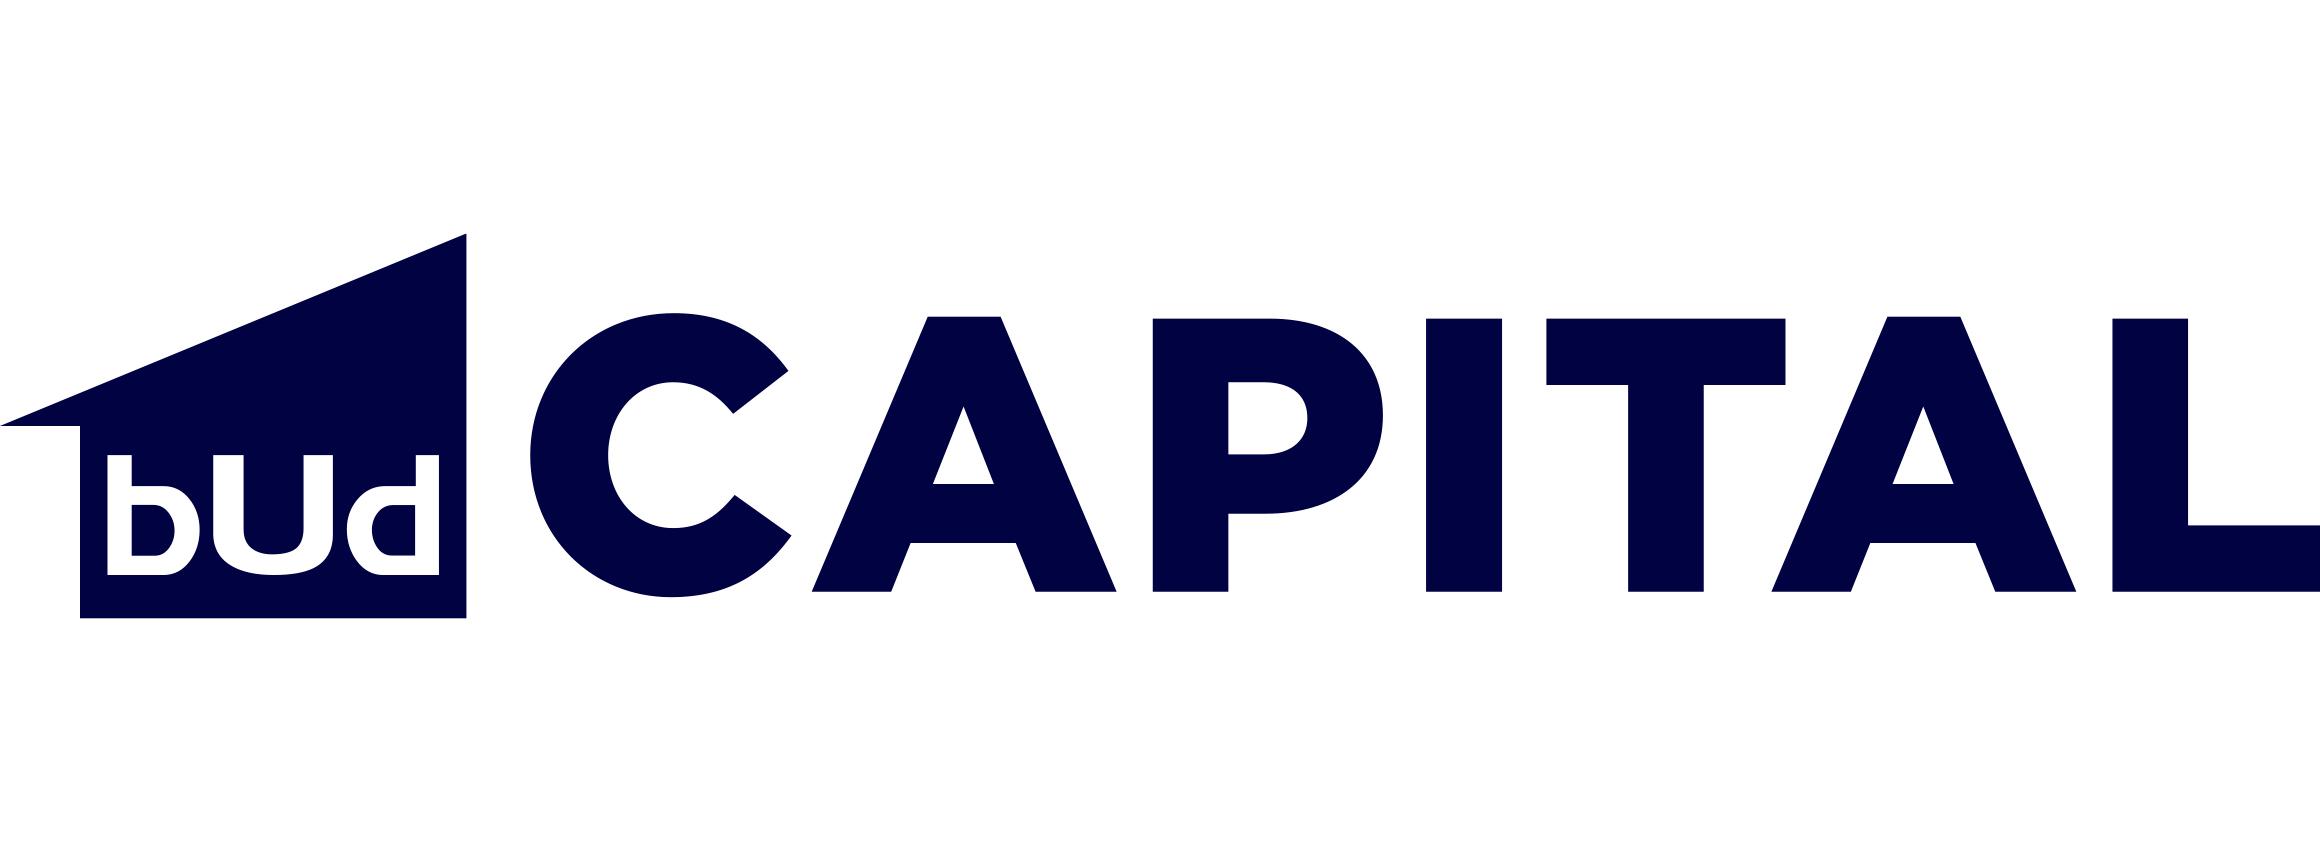 Підвищення цін в житлових комплексах від компанії BudCapital у лютому